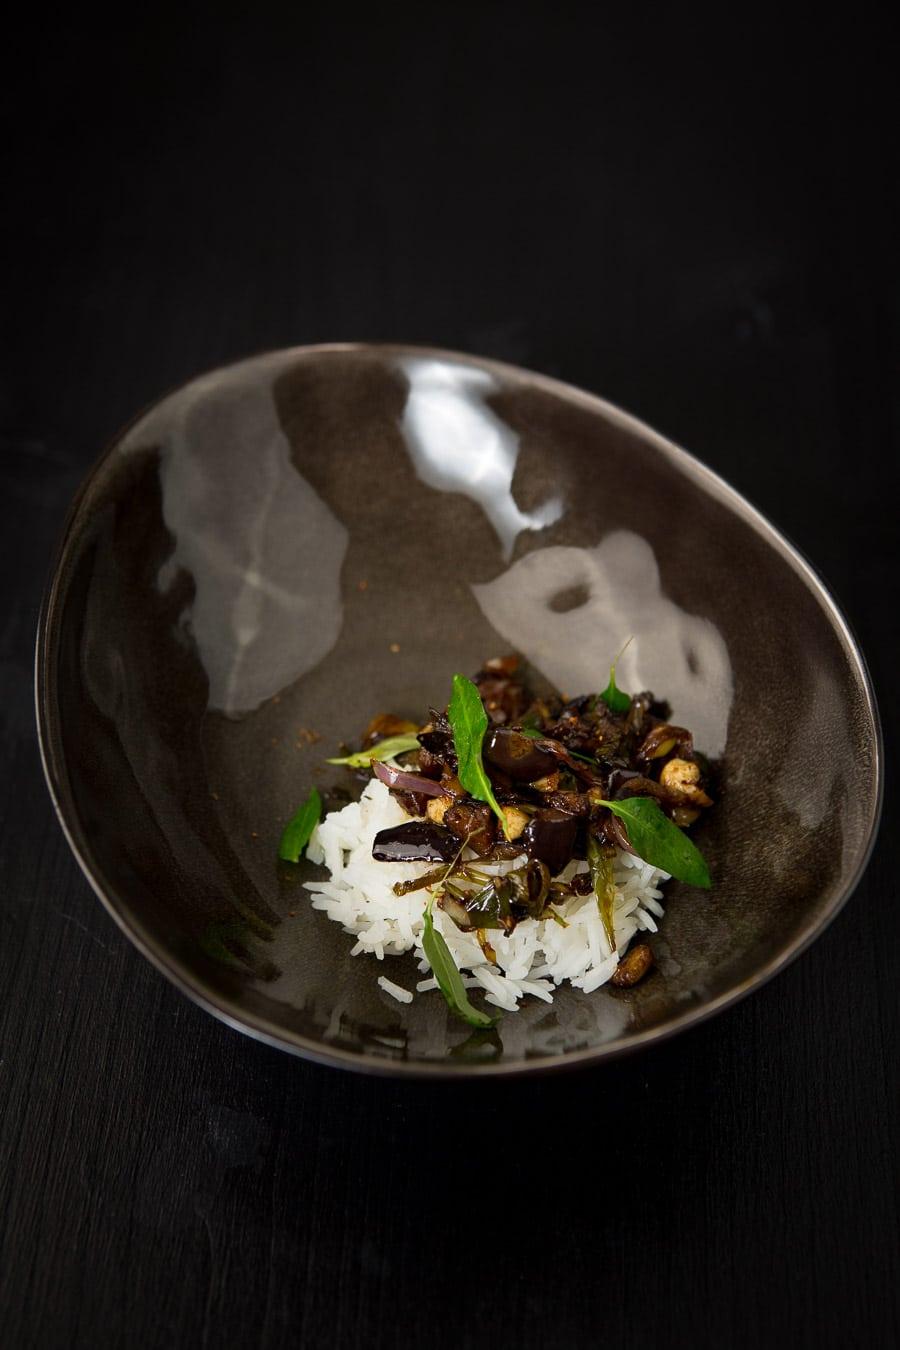 auberginen-yu-xiang-quiezi-3